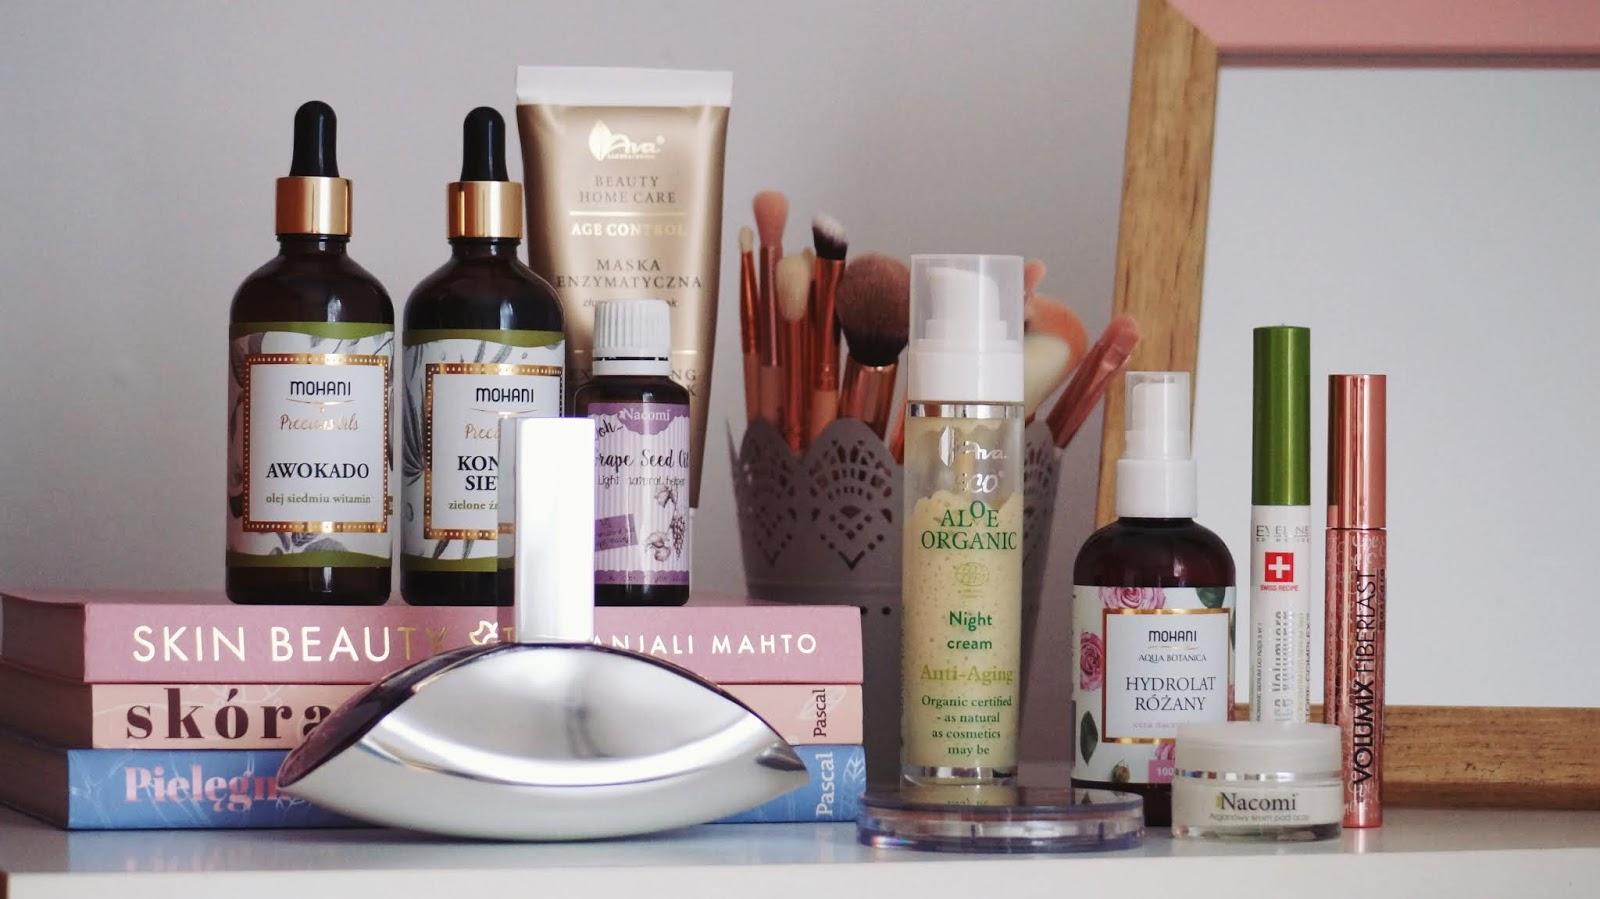 Ulubieńcy kosmetyczni ostatnich kilku miesięcy - Mohani, Nacomi, Ava Laboratorium, Eveline Cosmetics, Wibo, Bell, CK